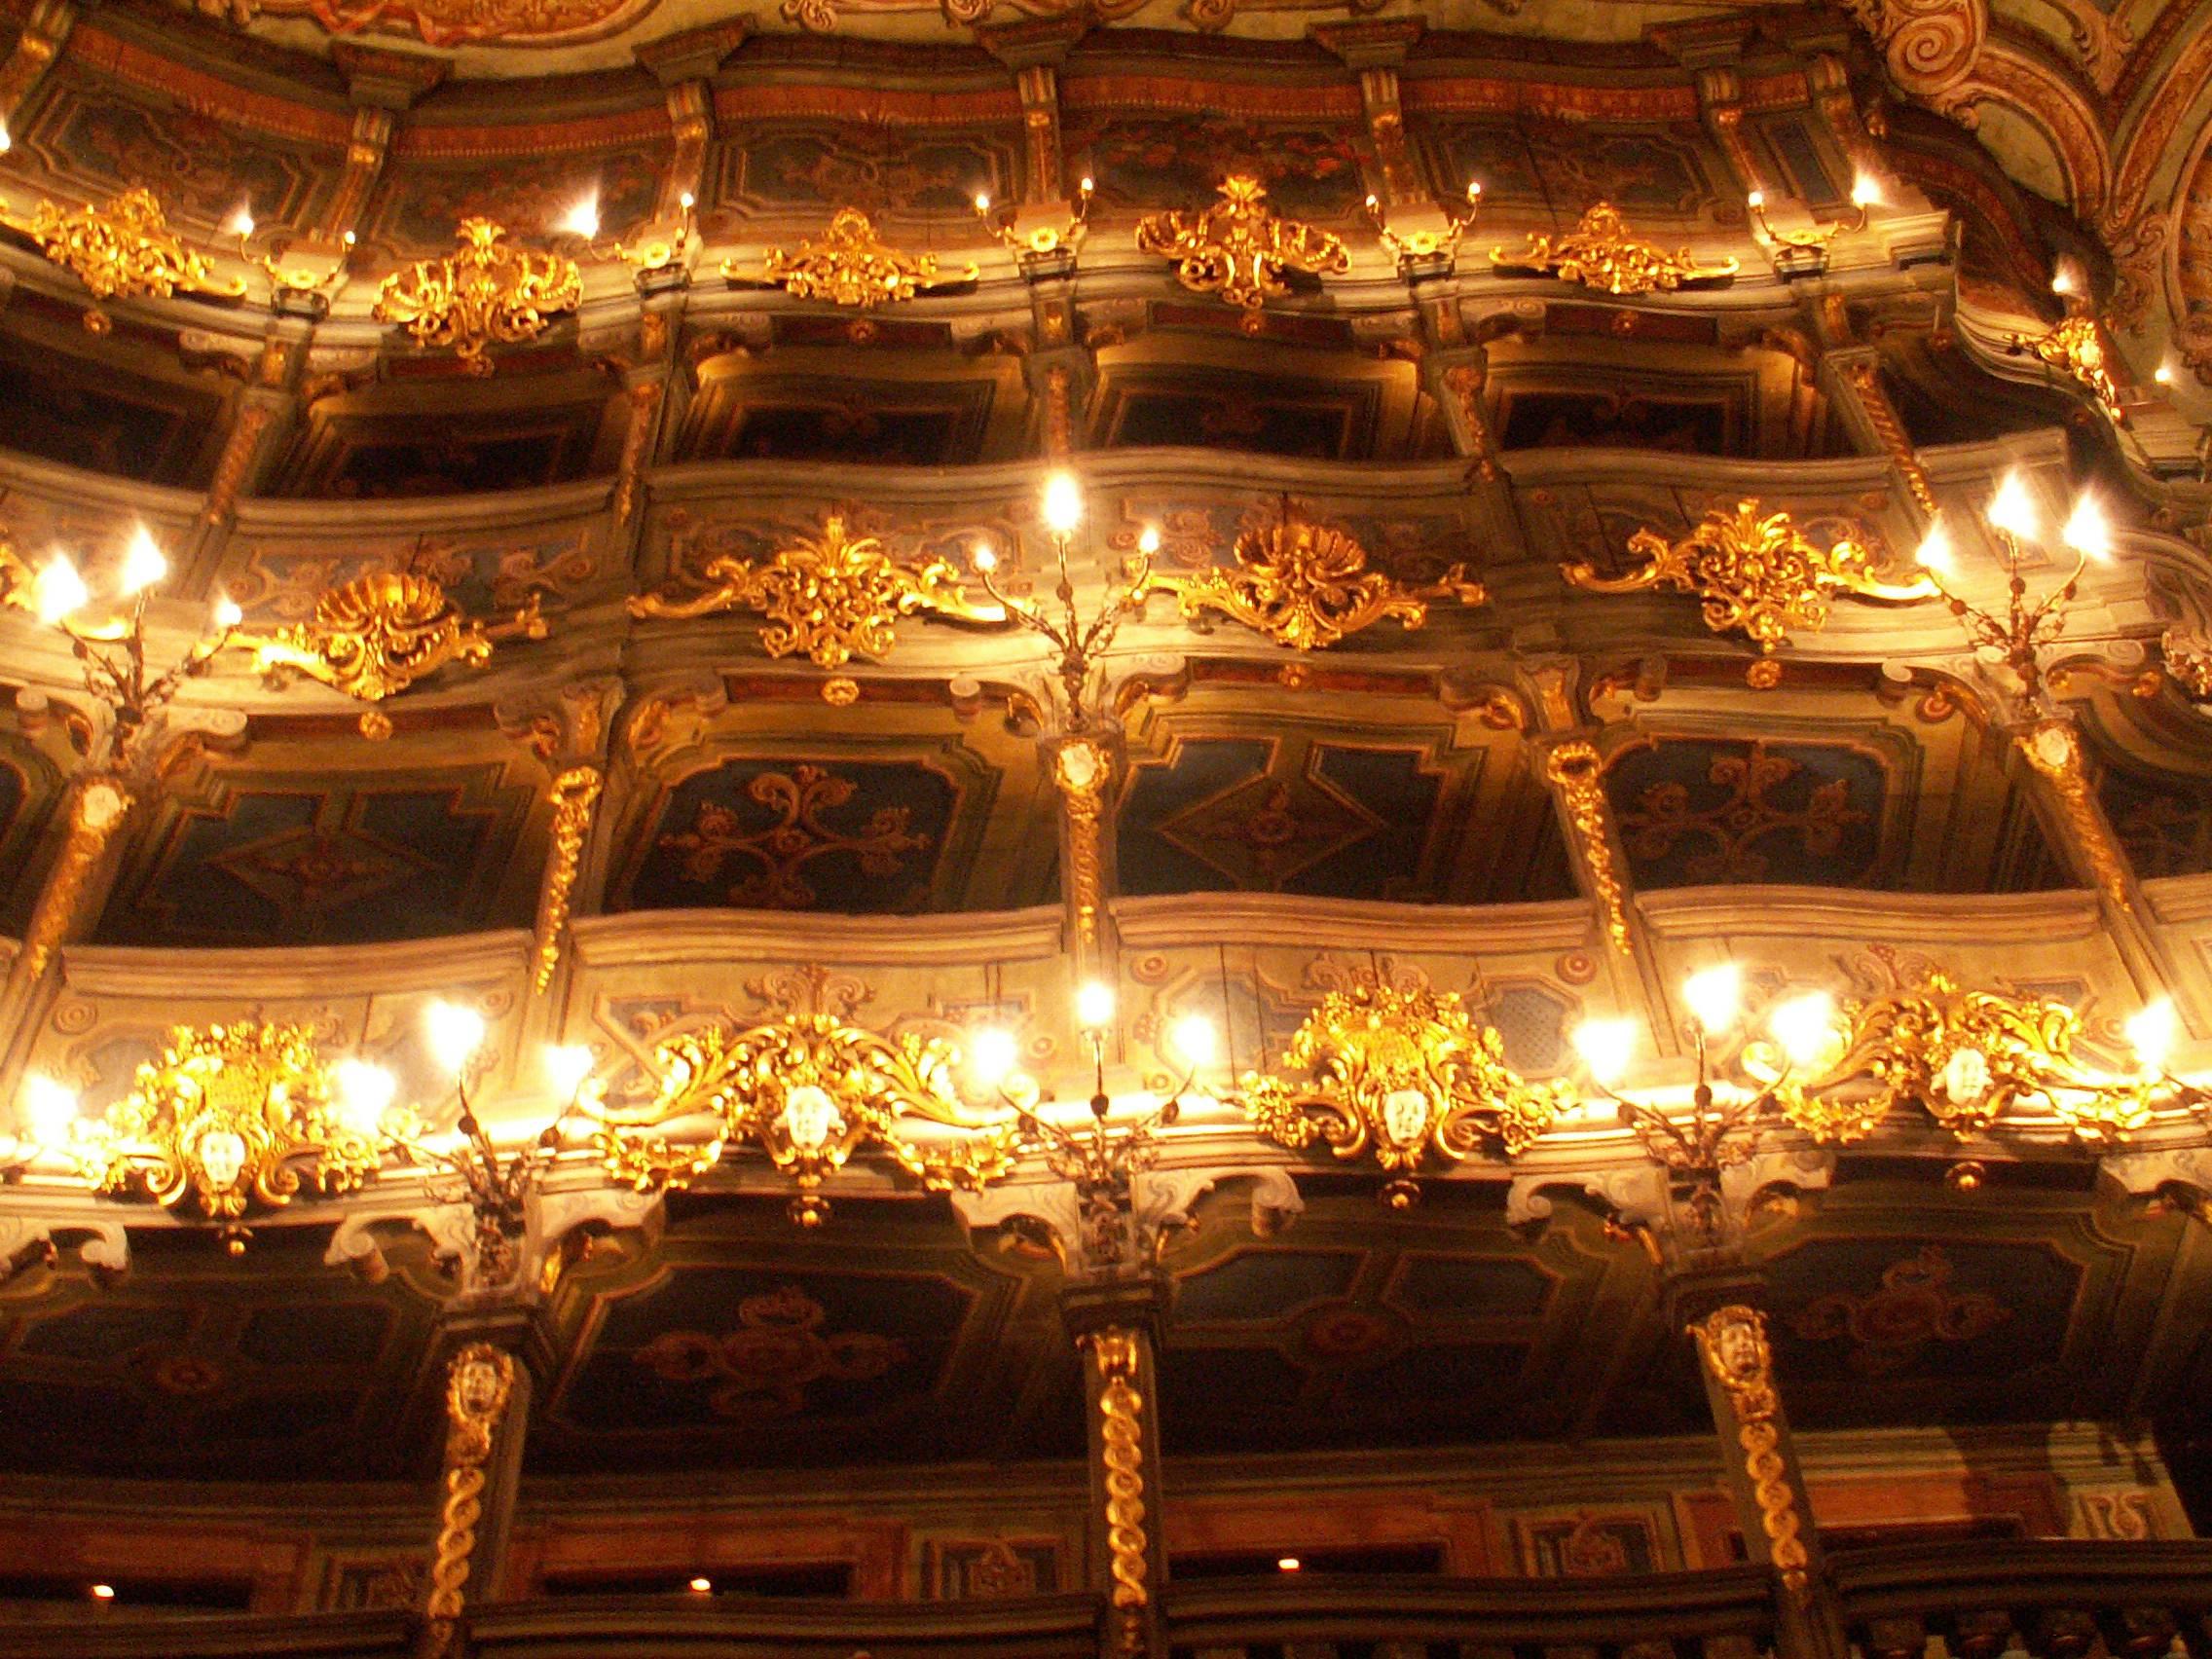 Маркграфский оперный театр в городе байройт, германия фотоал.